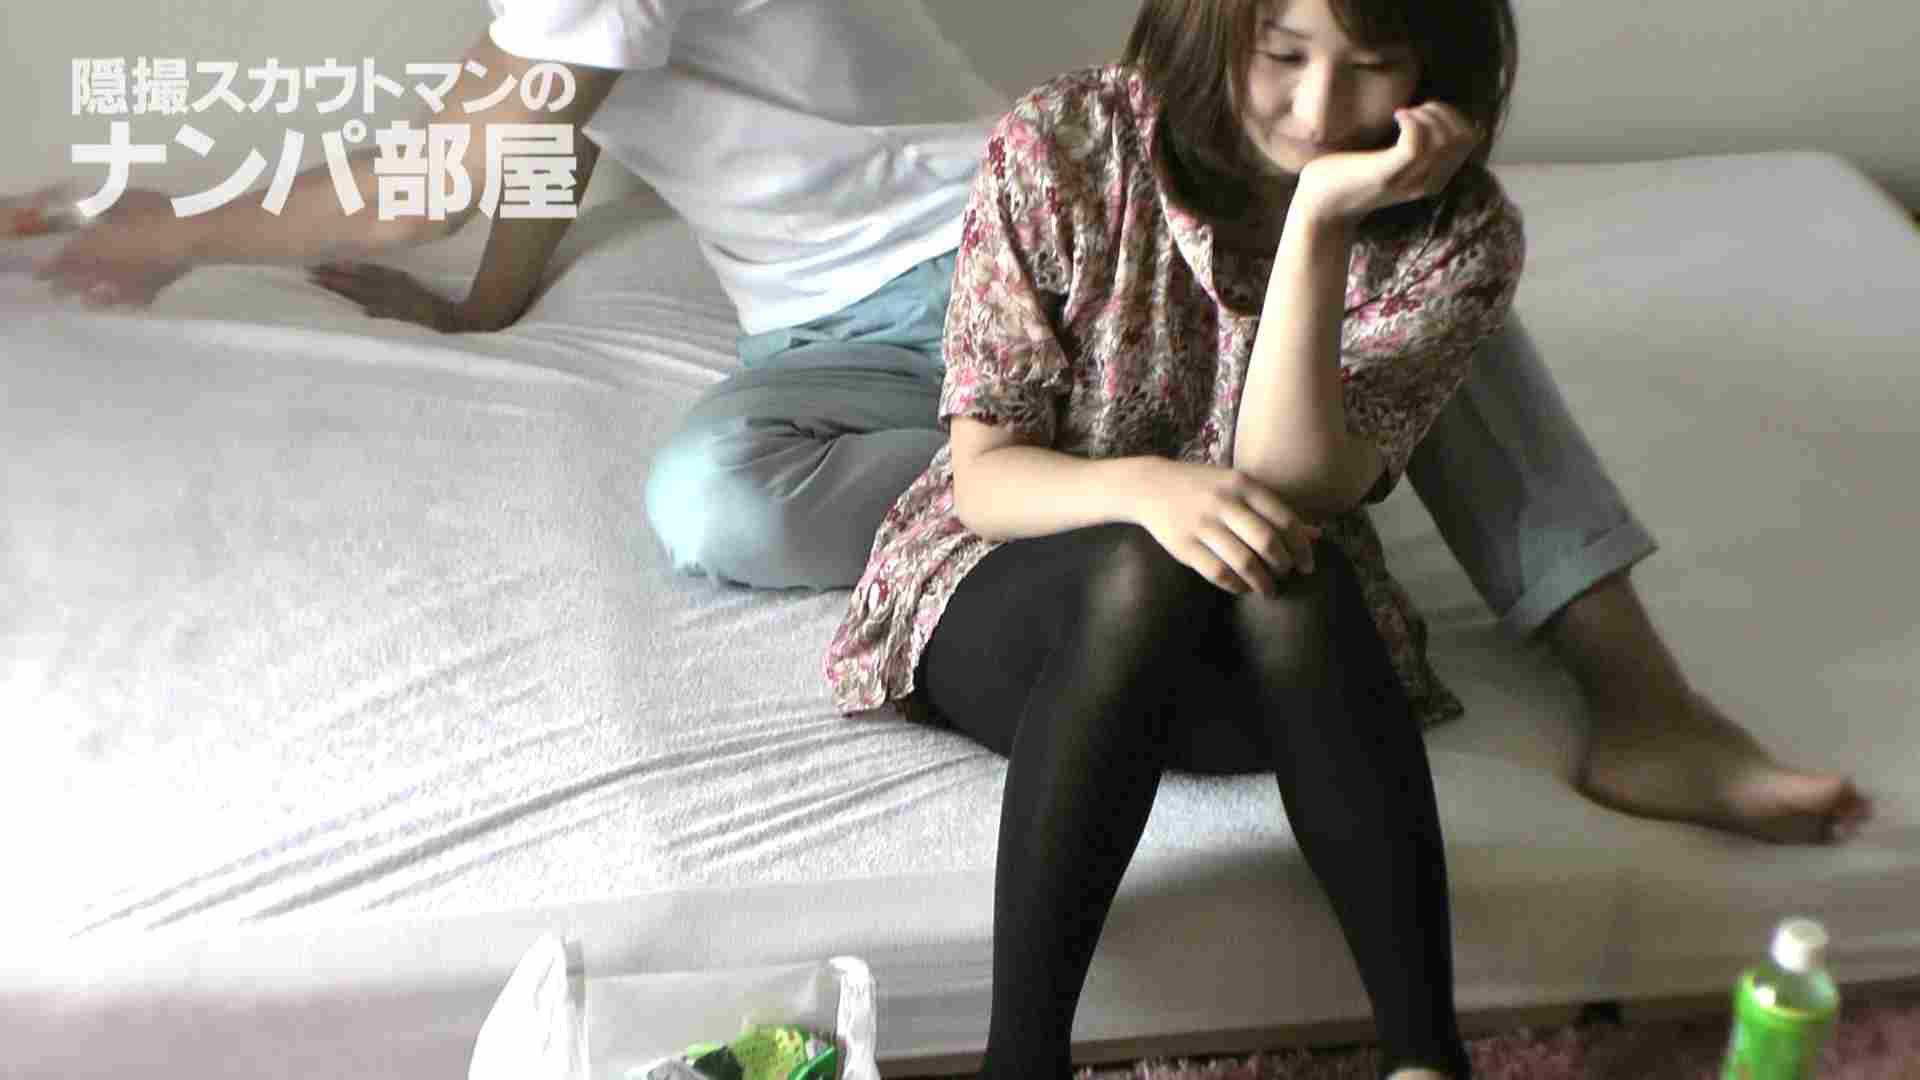 隠撮スカウトマンのナンパ部屋~風俗デビュー前のつまみ食い~ sii 脱衣所  90連発 15